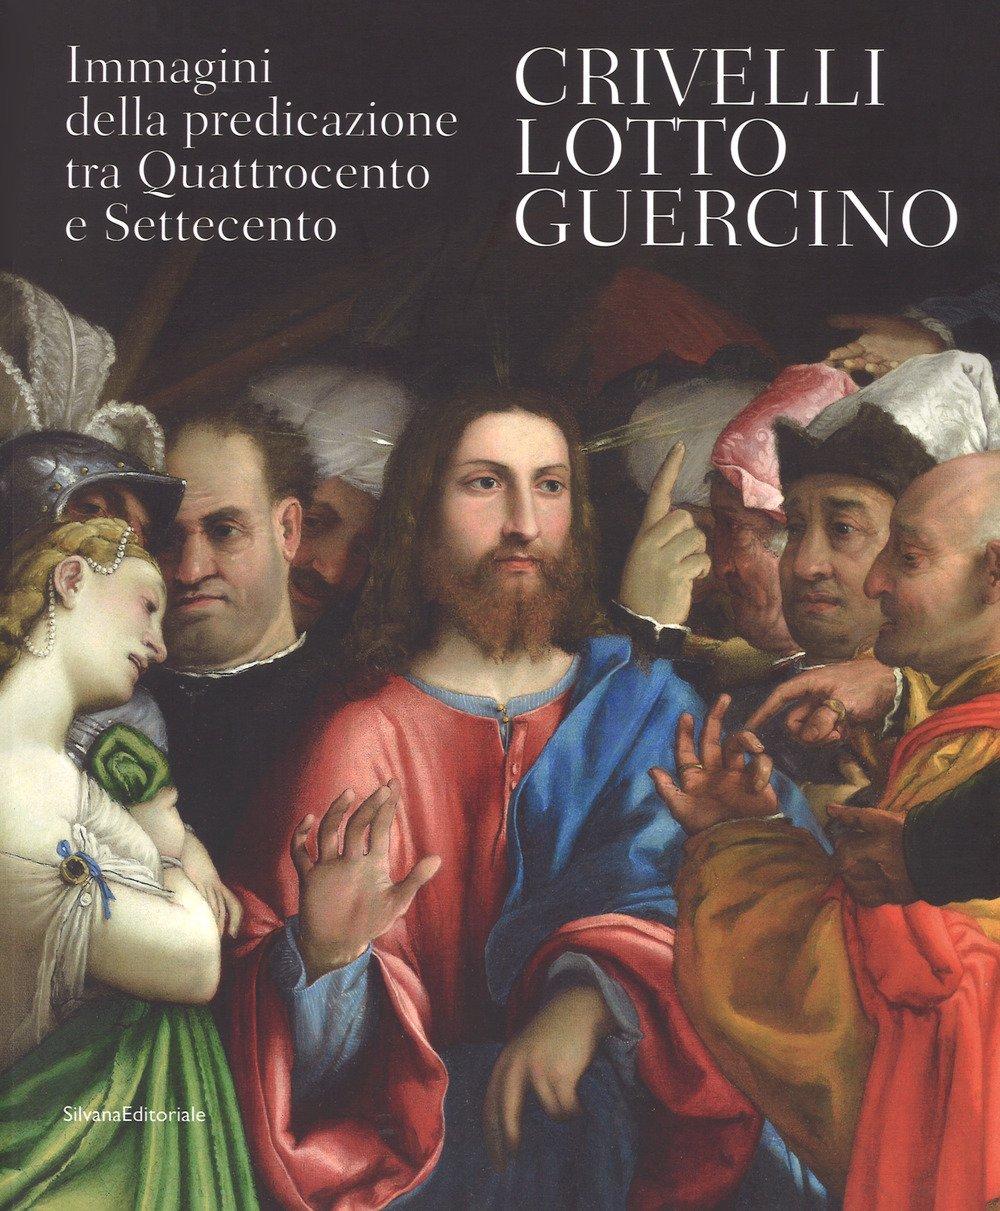 Crivelli Lotto Guercino. Immagini della predicazione tra Quattrocento e Settecento.